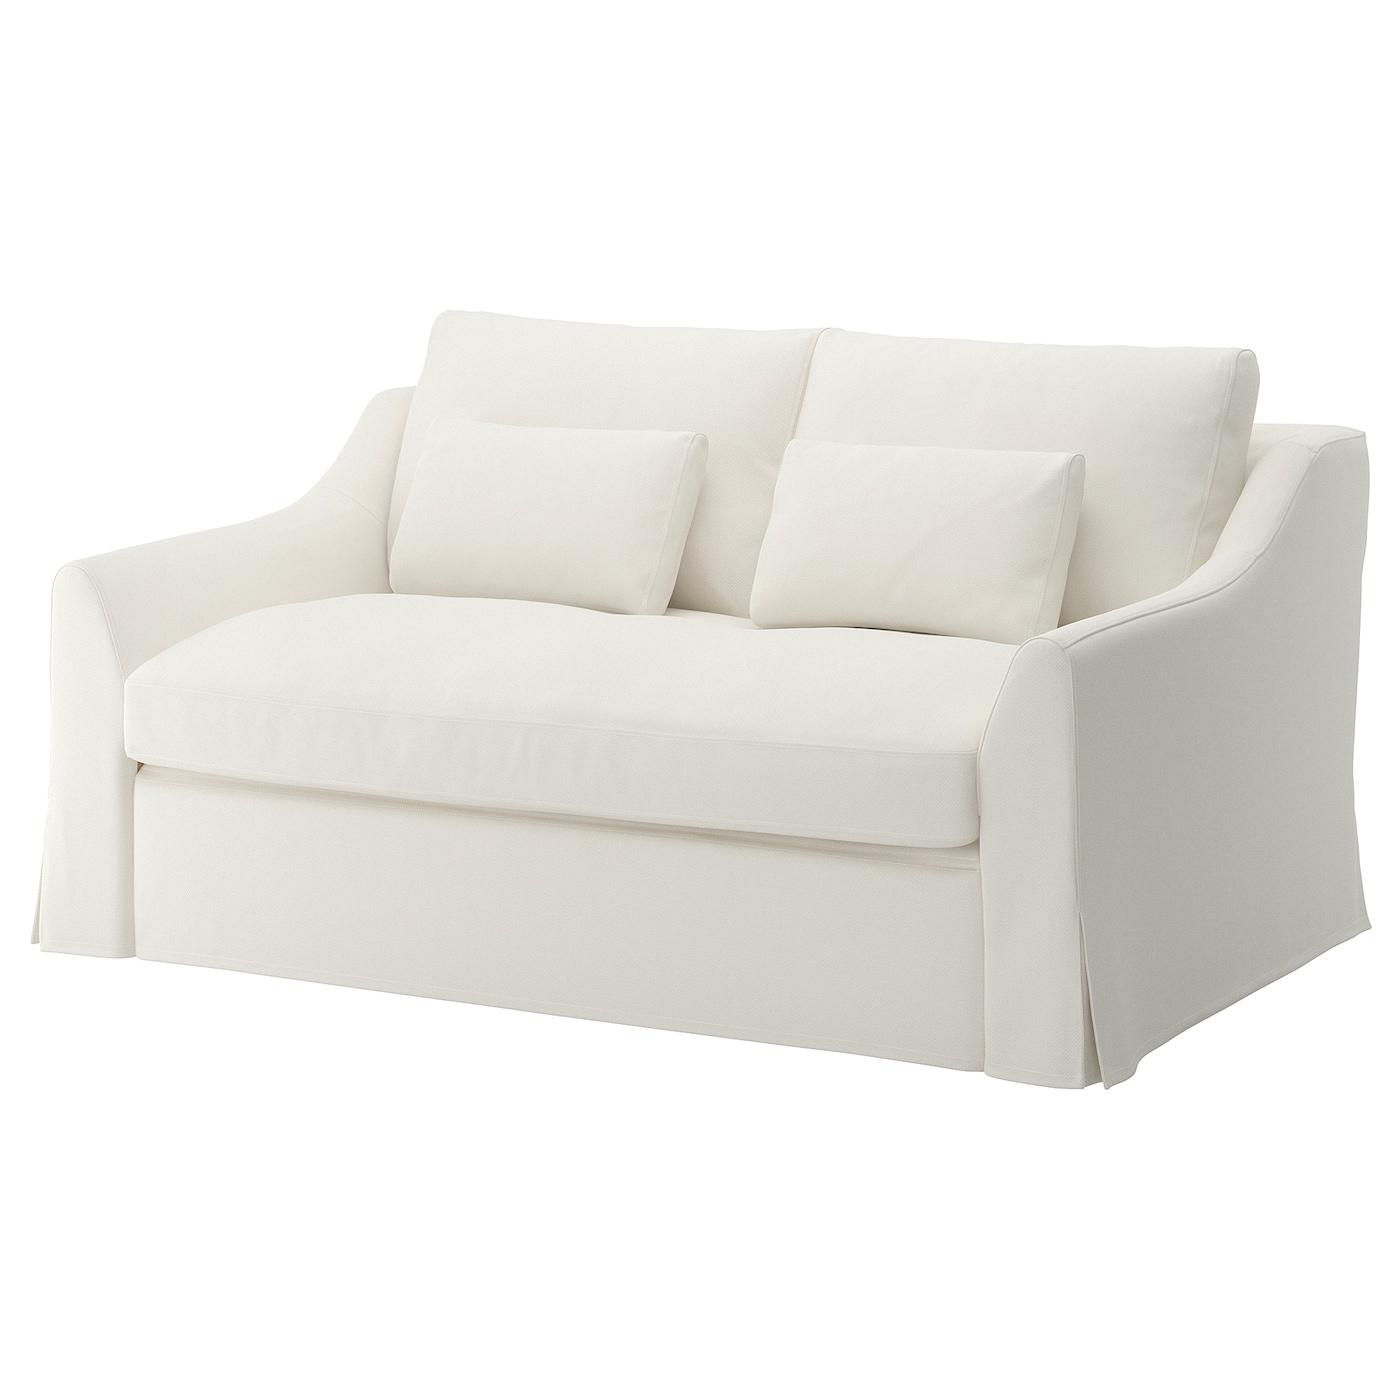 FÄRLÖV Cover For Sleeper Sofa, Flodafors White - IKEA